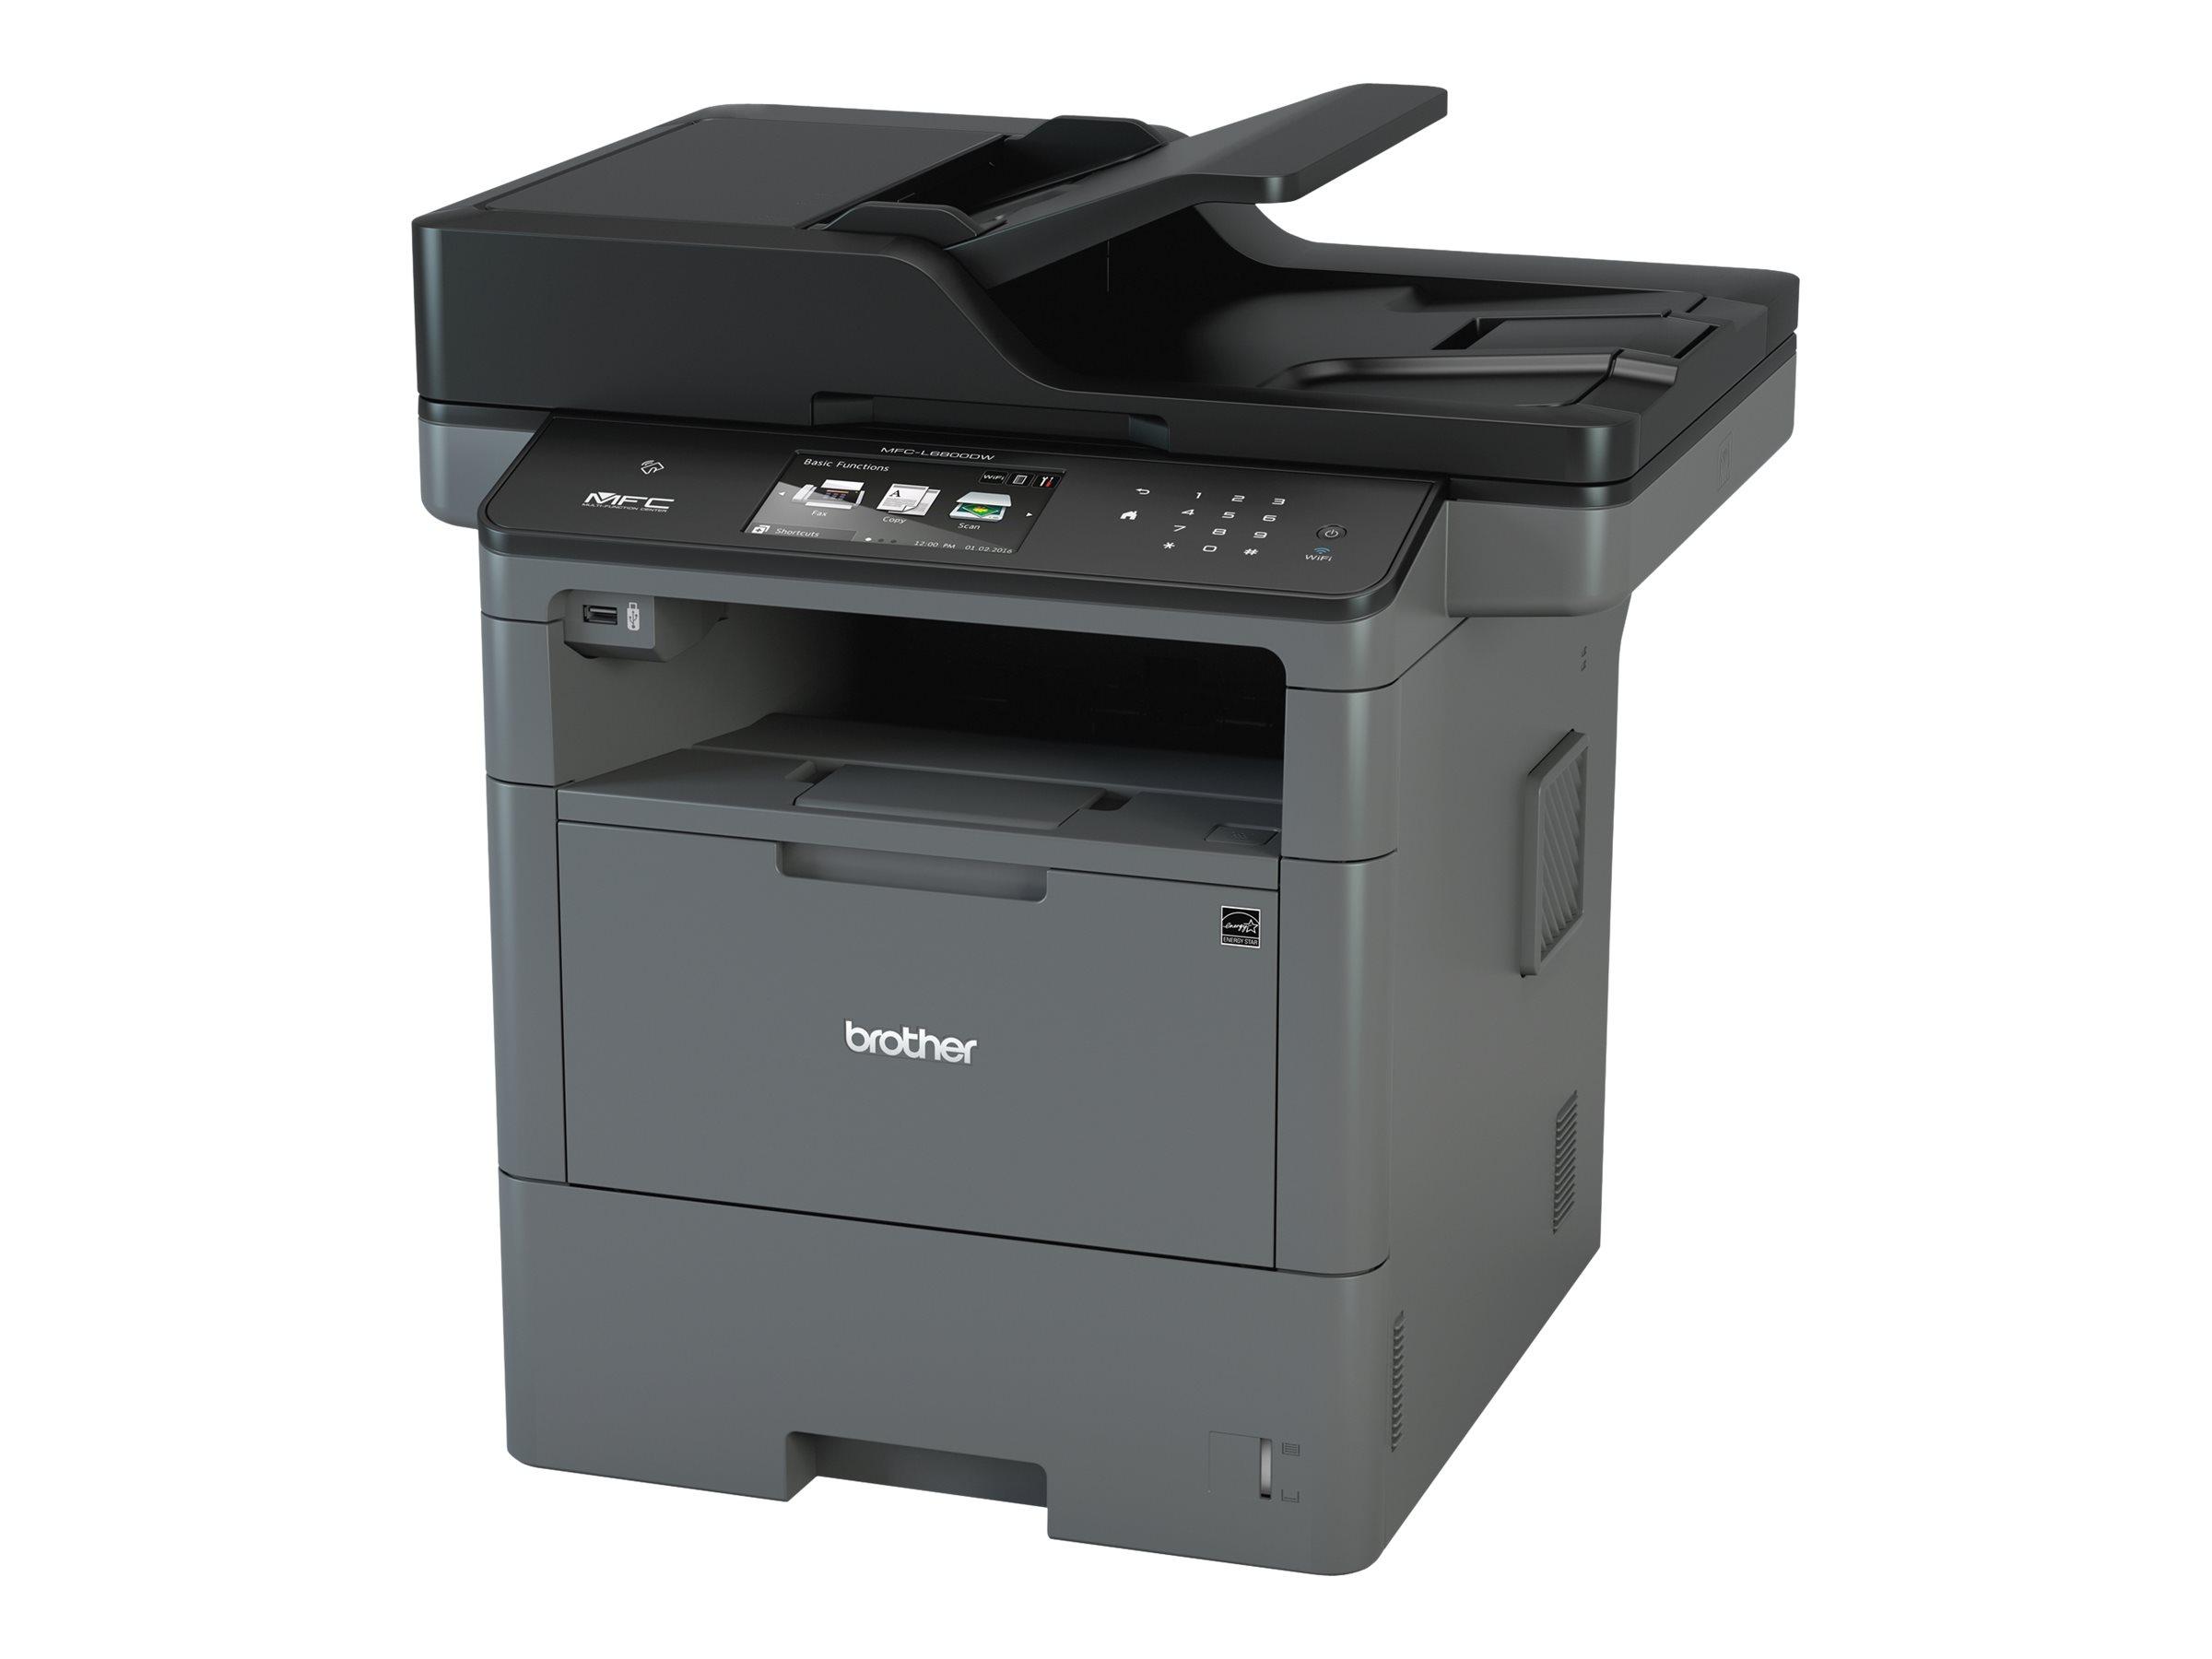 Brother MFC-L6800DW - imprimante multifonctions (Noir et blanc)